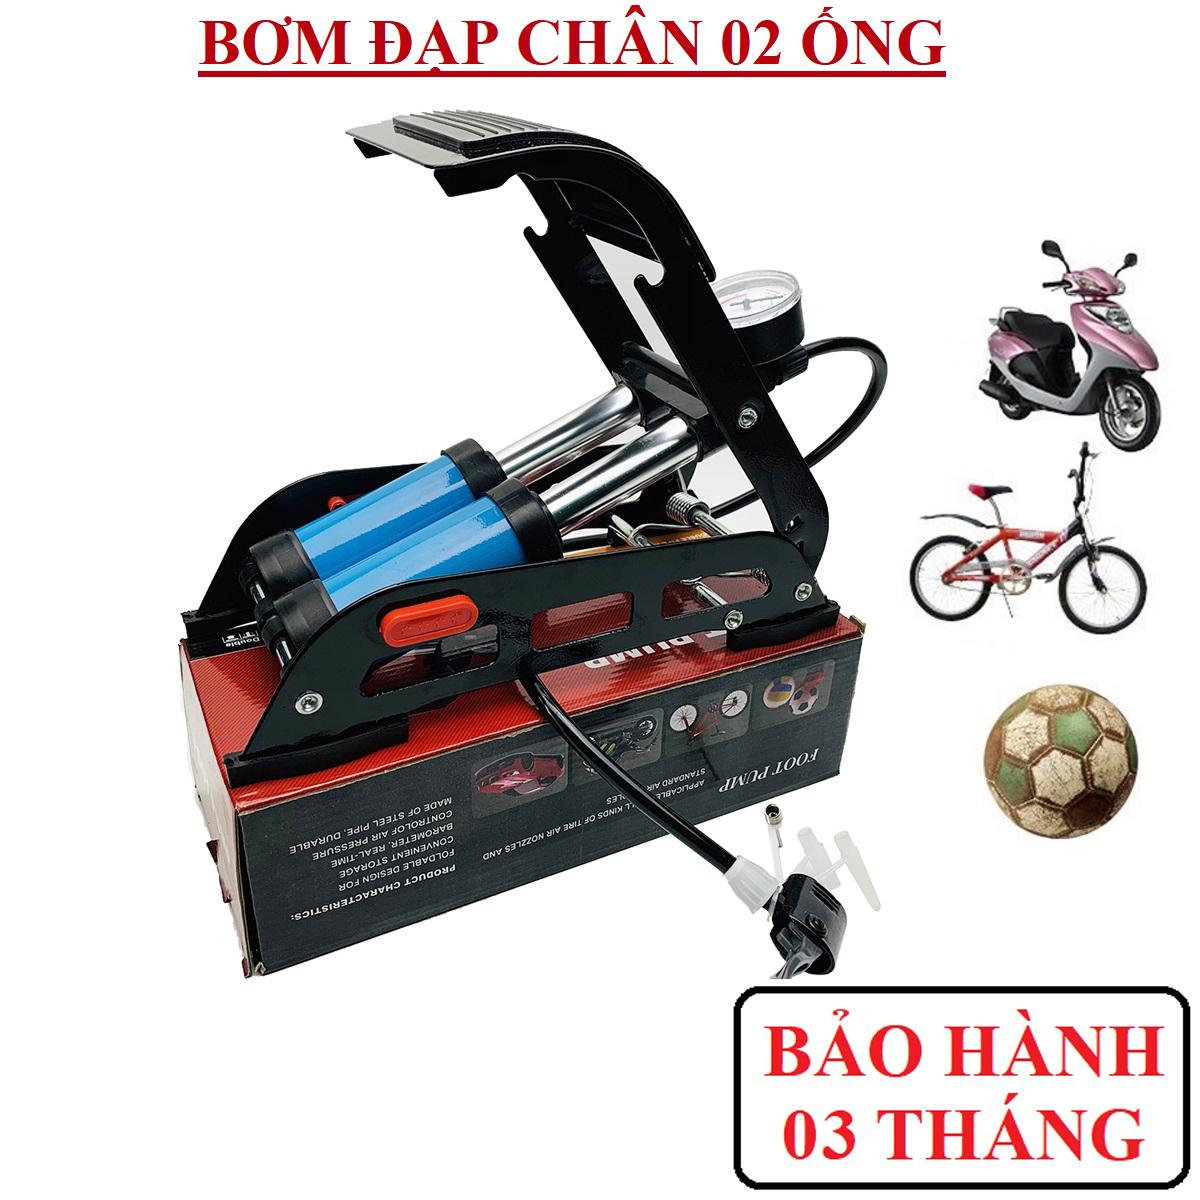 Bom xe may  bom xe dap  bơm đạp chân cao cấp bơm đạp chân 2 ống Vĩnh Khang